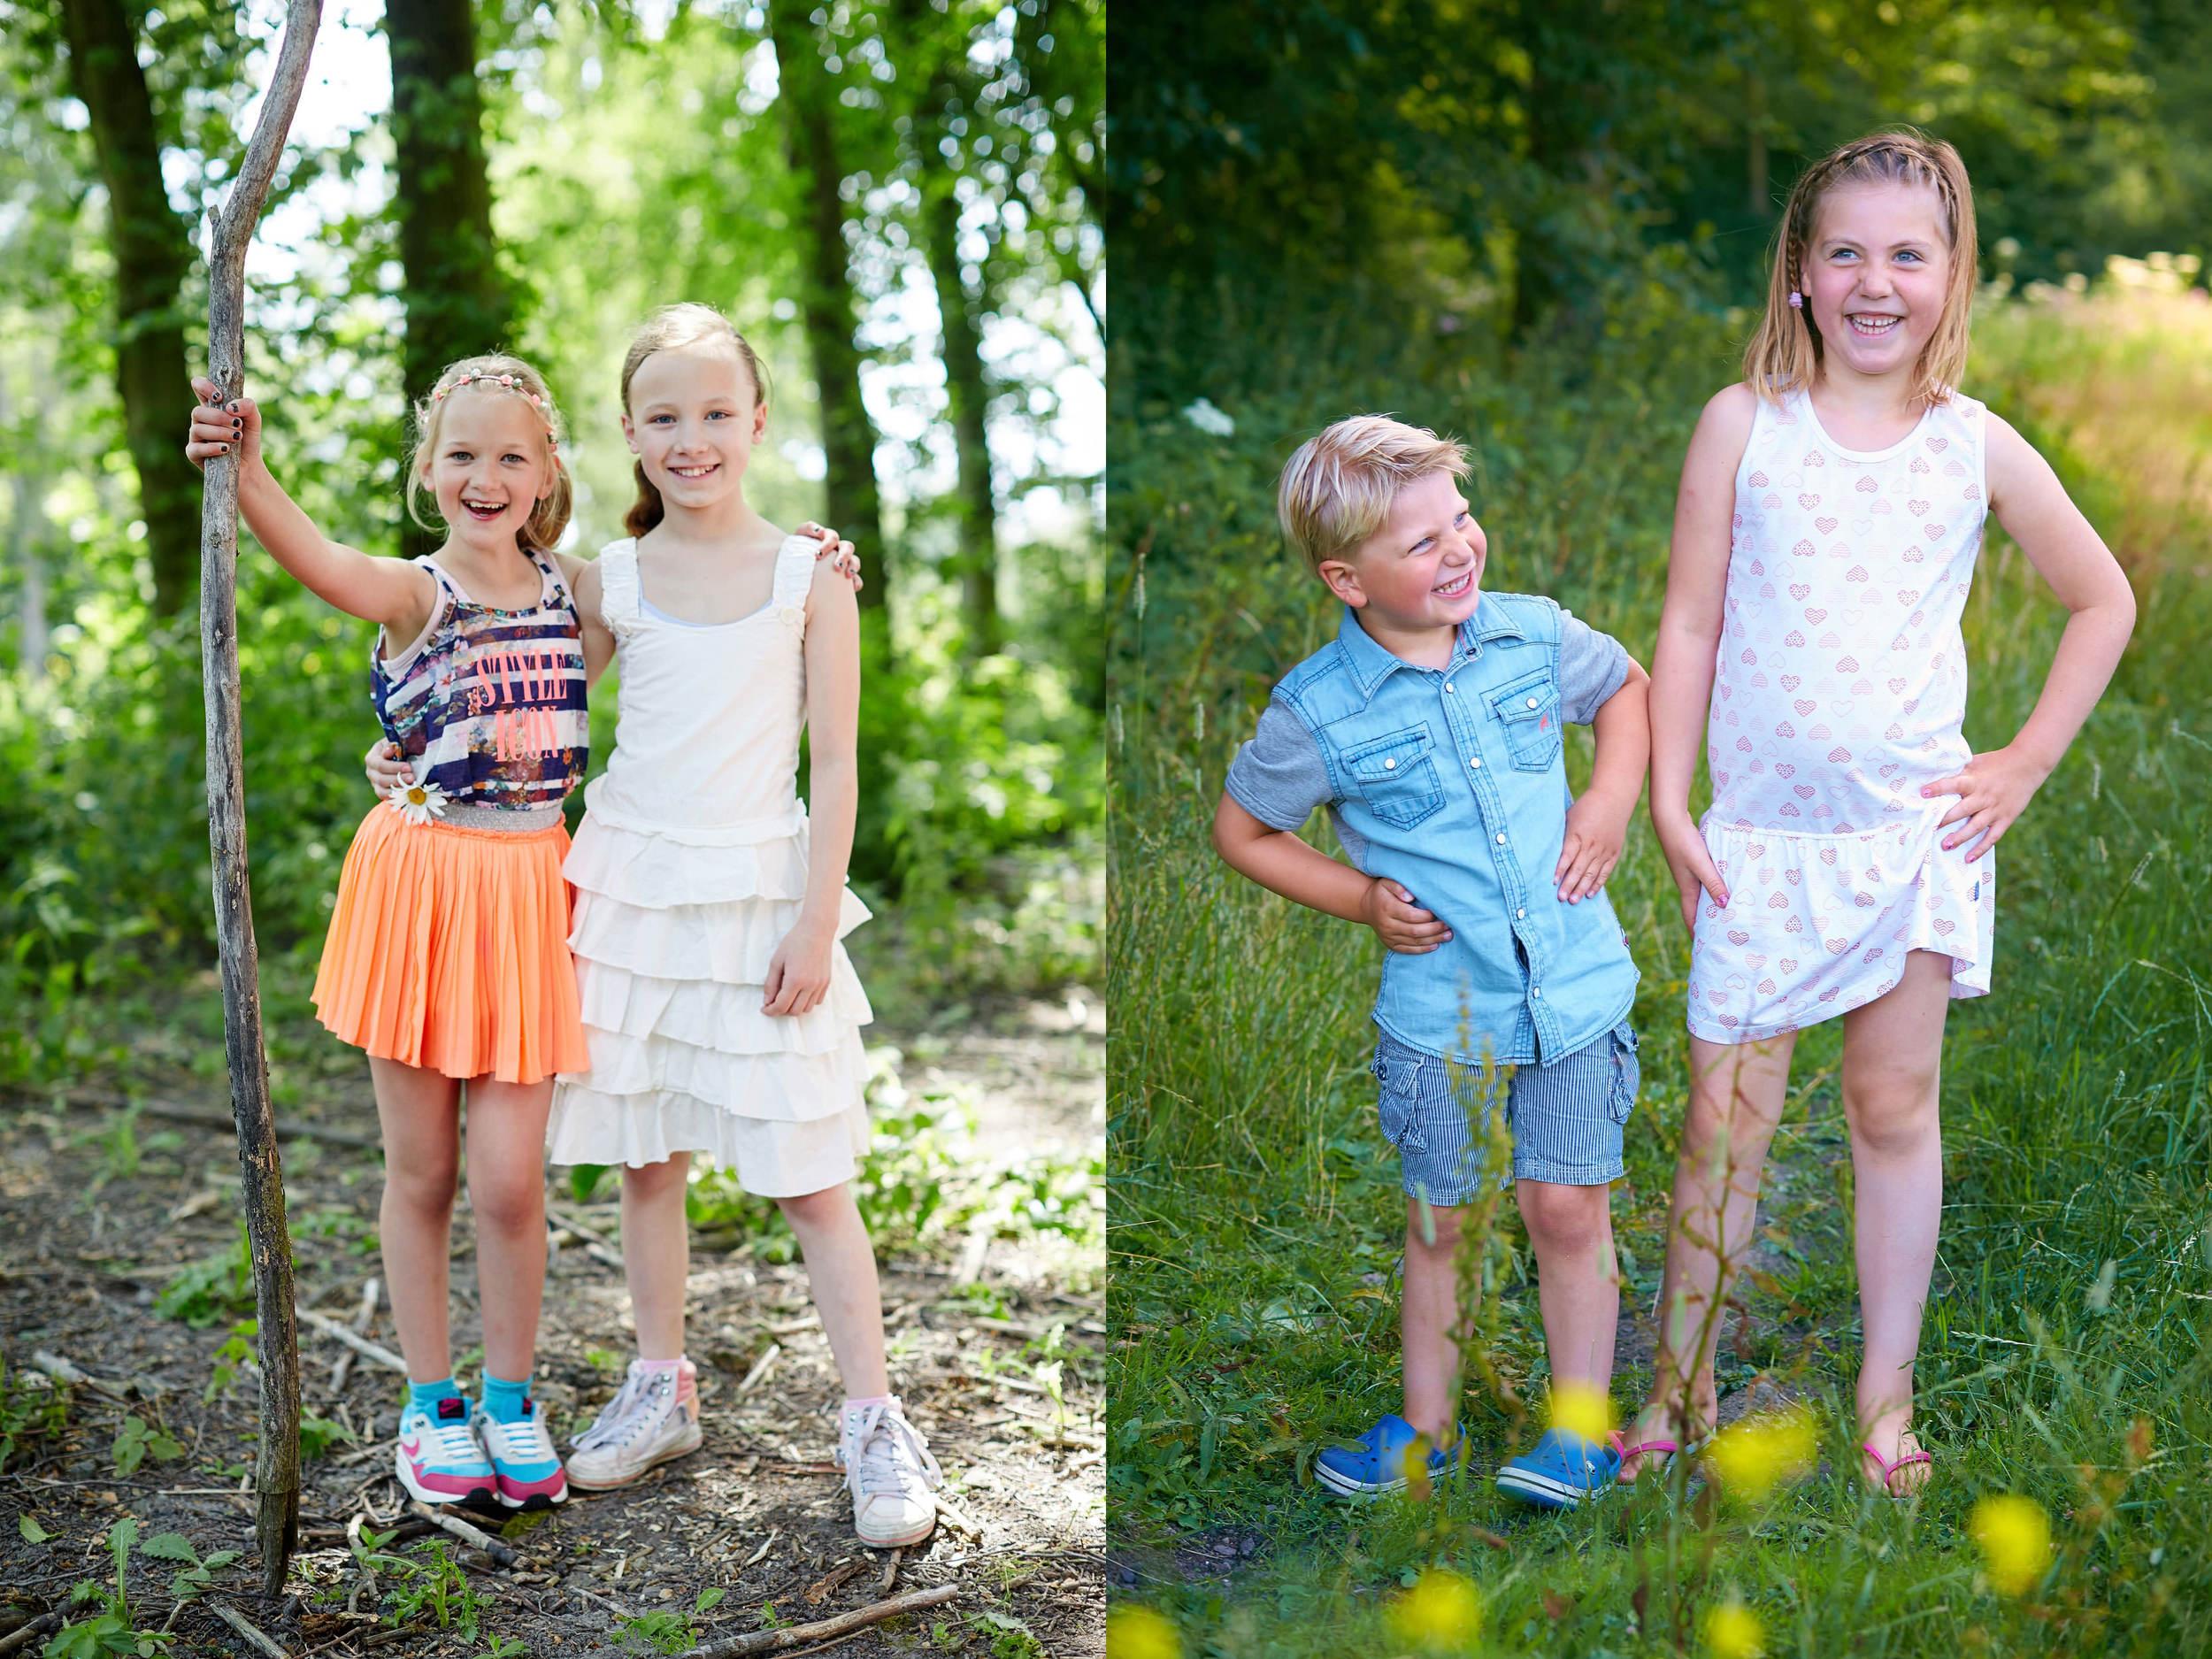 familieshoot, familiefotografie, familiefoto, fotoshoot park, gezinsfotografie, gezinsfotoshoot, kinderfoto, kinderfotografie